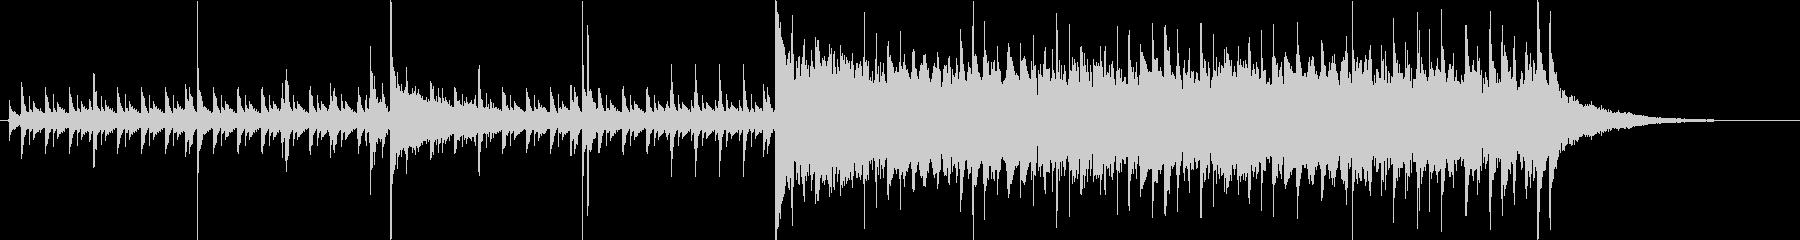 30秒・高速ジャズ・ドラムとウッドベースの未再生の波形